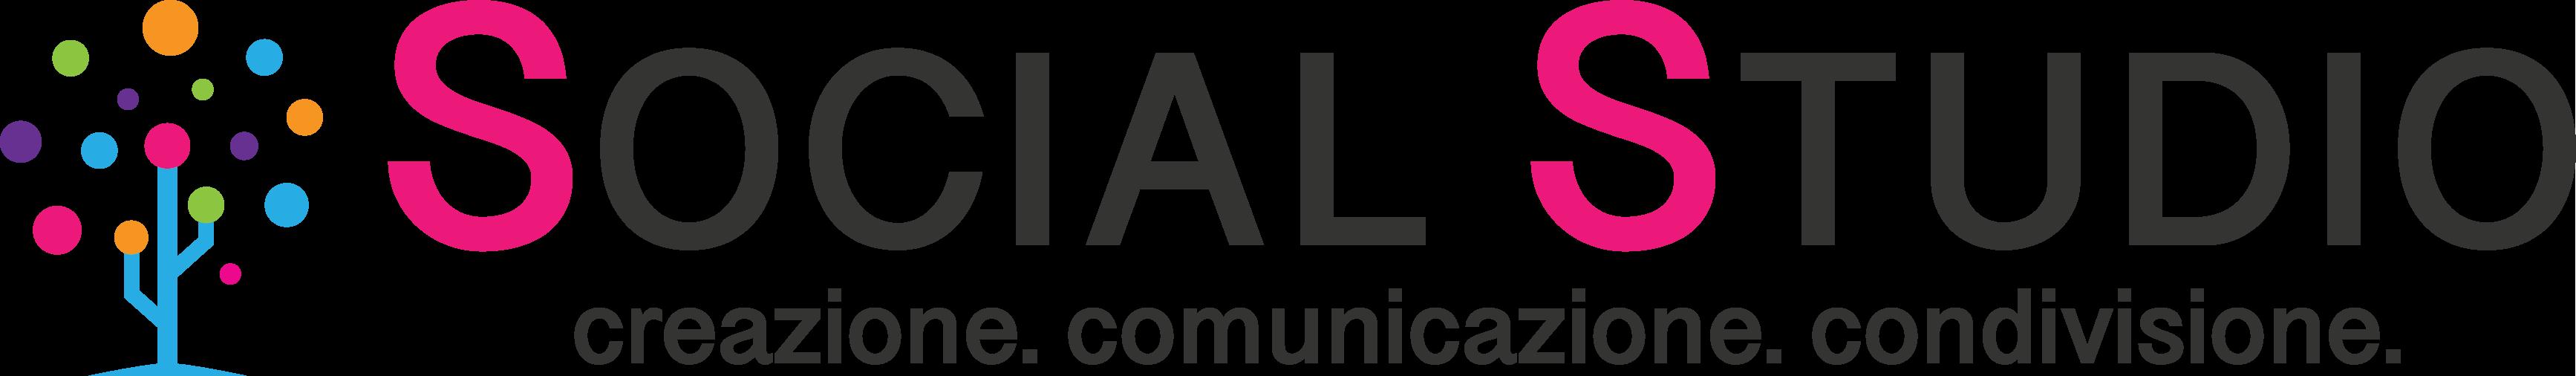 3 logo web.fw